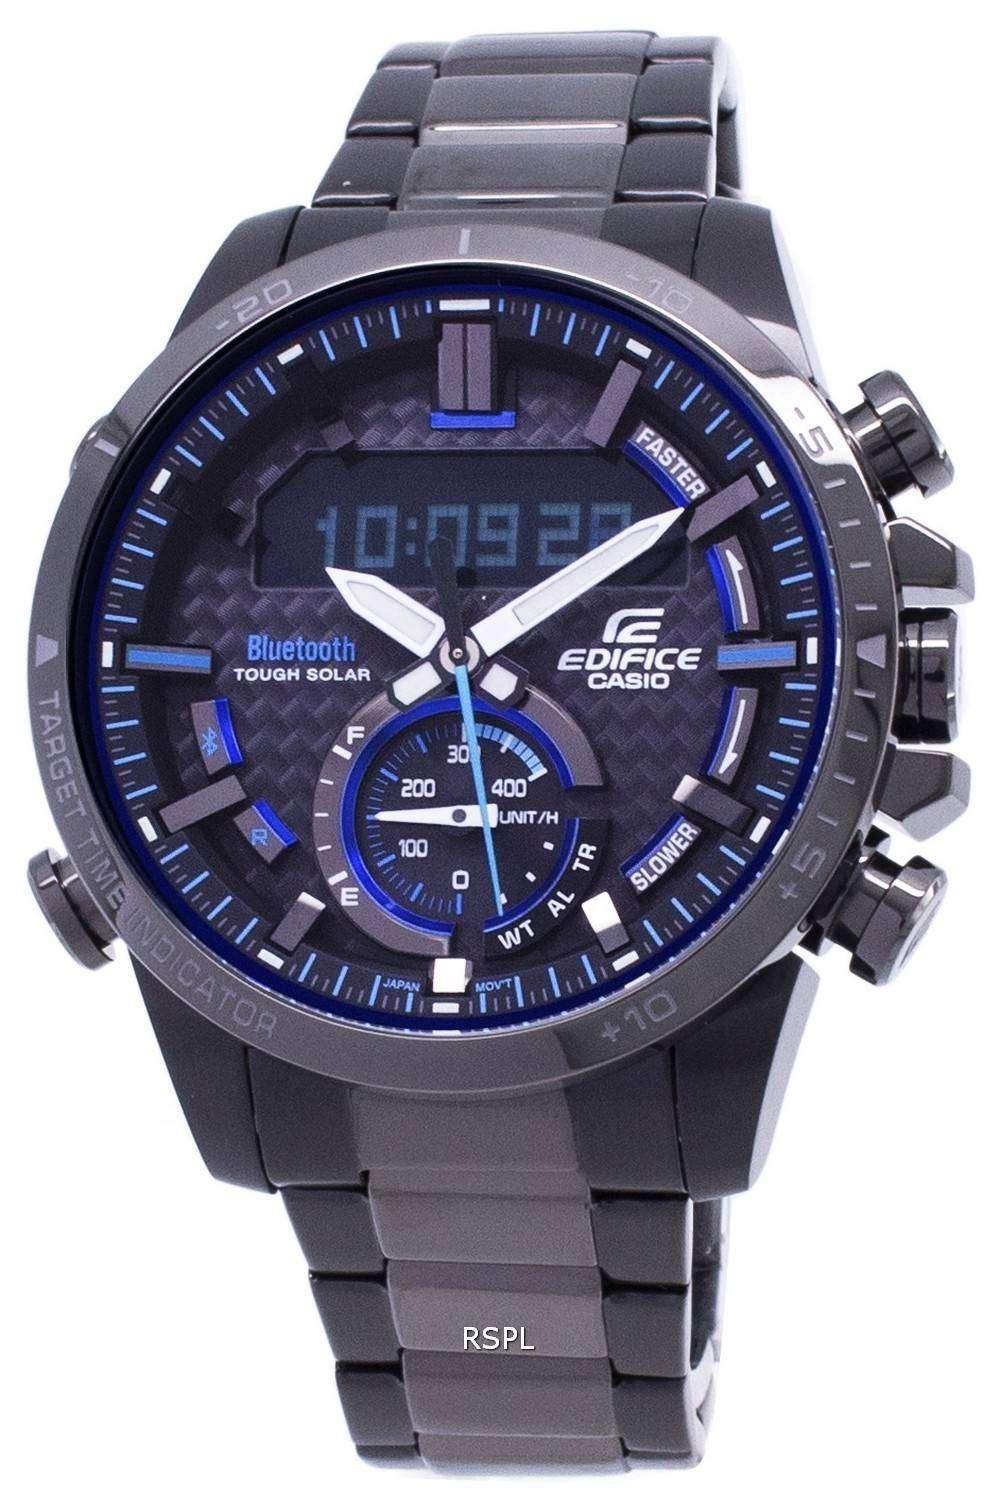 Casio 800dc Bce 1a Resistente Edifice Solar Reloj Bluetooth Hombre 29IWDEH